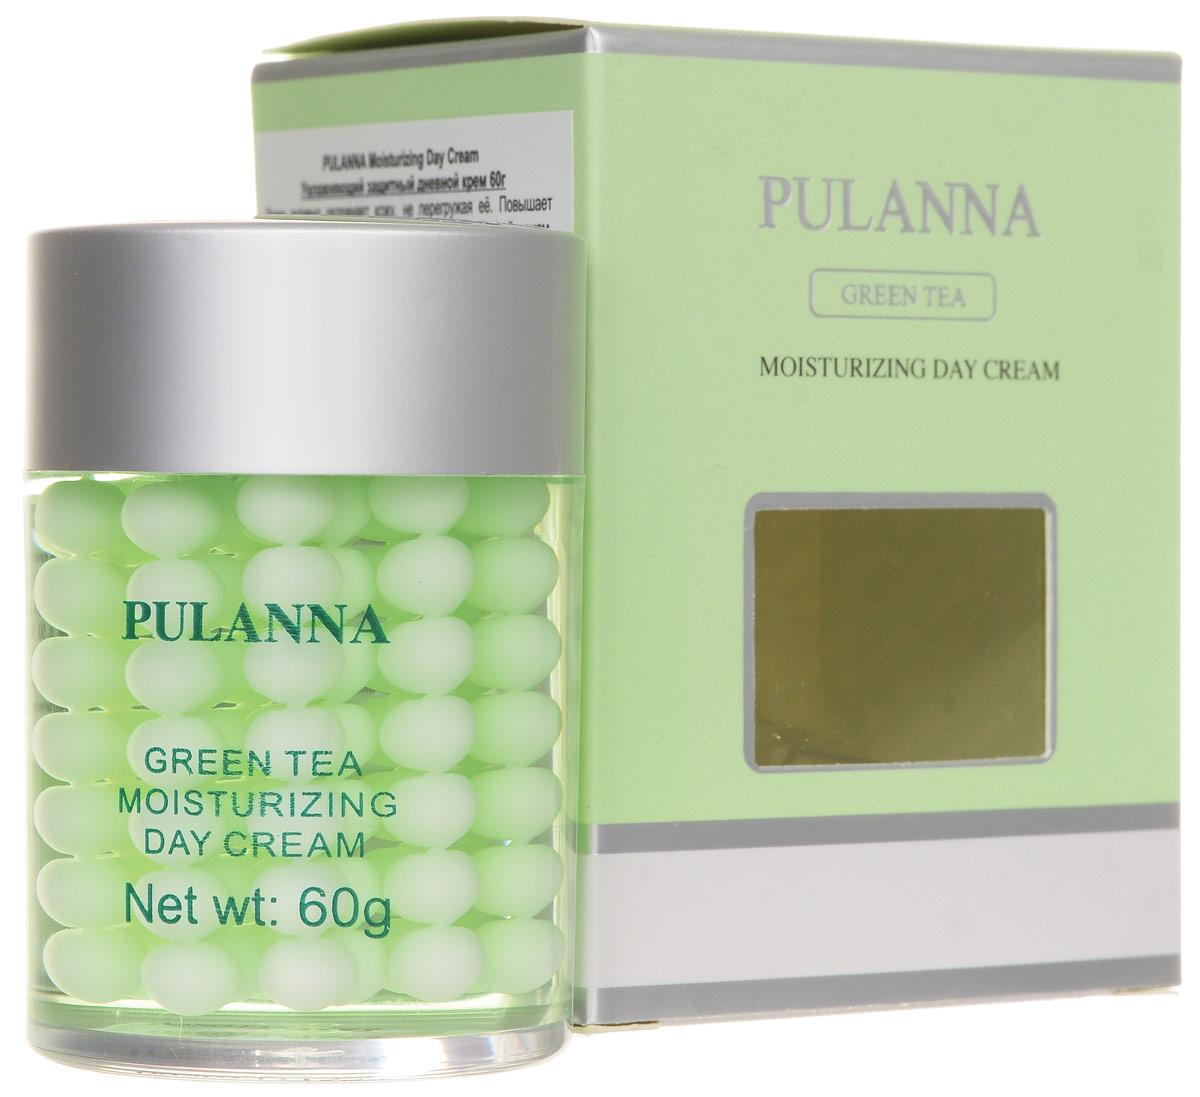 Pulanna Увлажняющий защитный дневной крем на основе зеленого чая-Moisturizing Day Cream 60 г